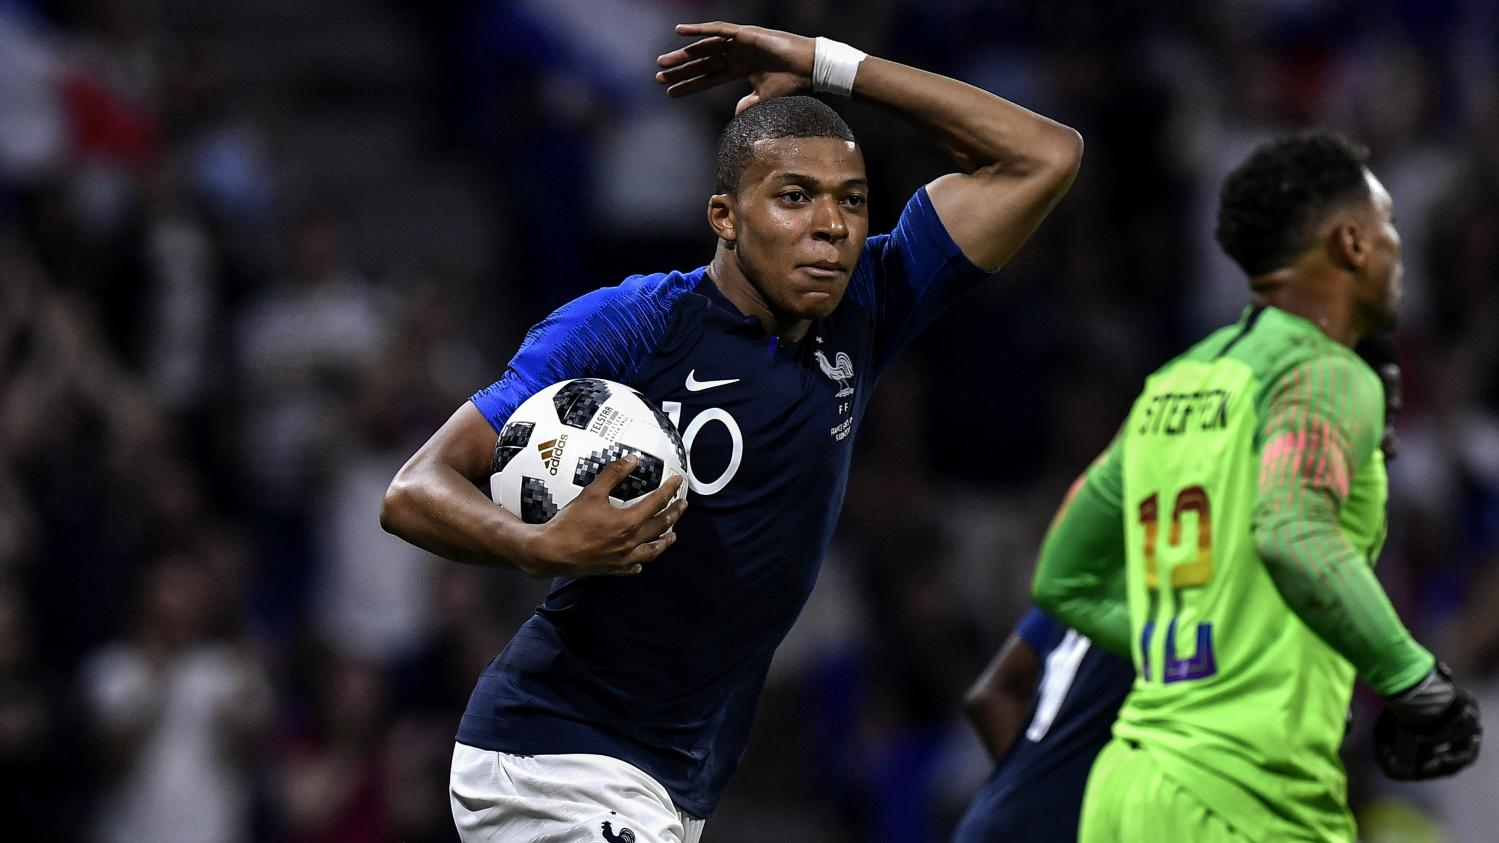 Foot la france arrache un match nul laborieux face aux etats unis 1 1 une semaine du mondial - Jeux de foot match coupe du monde ...